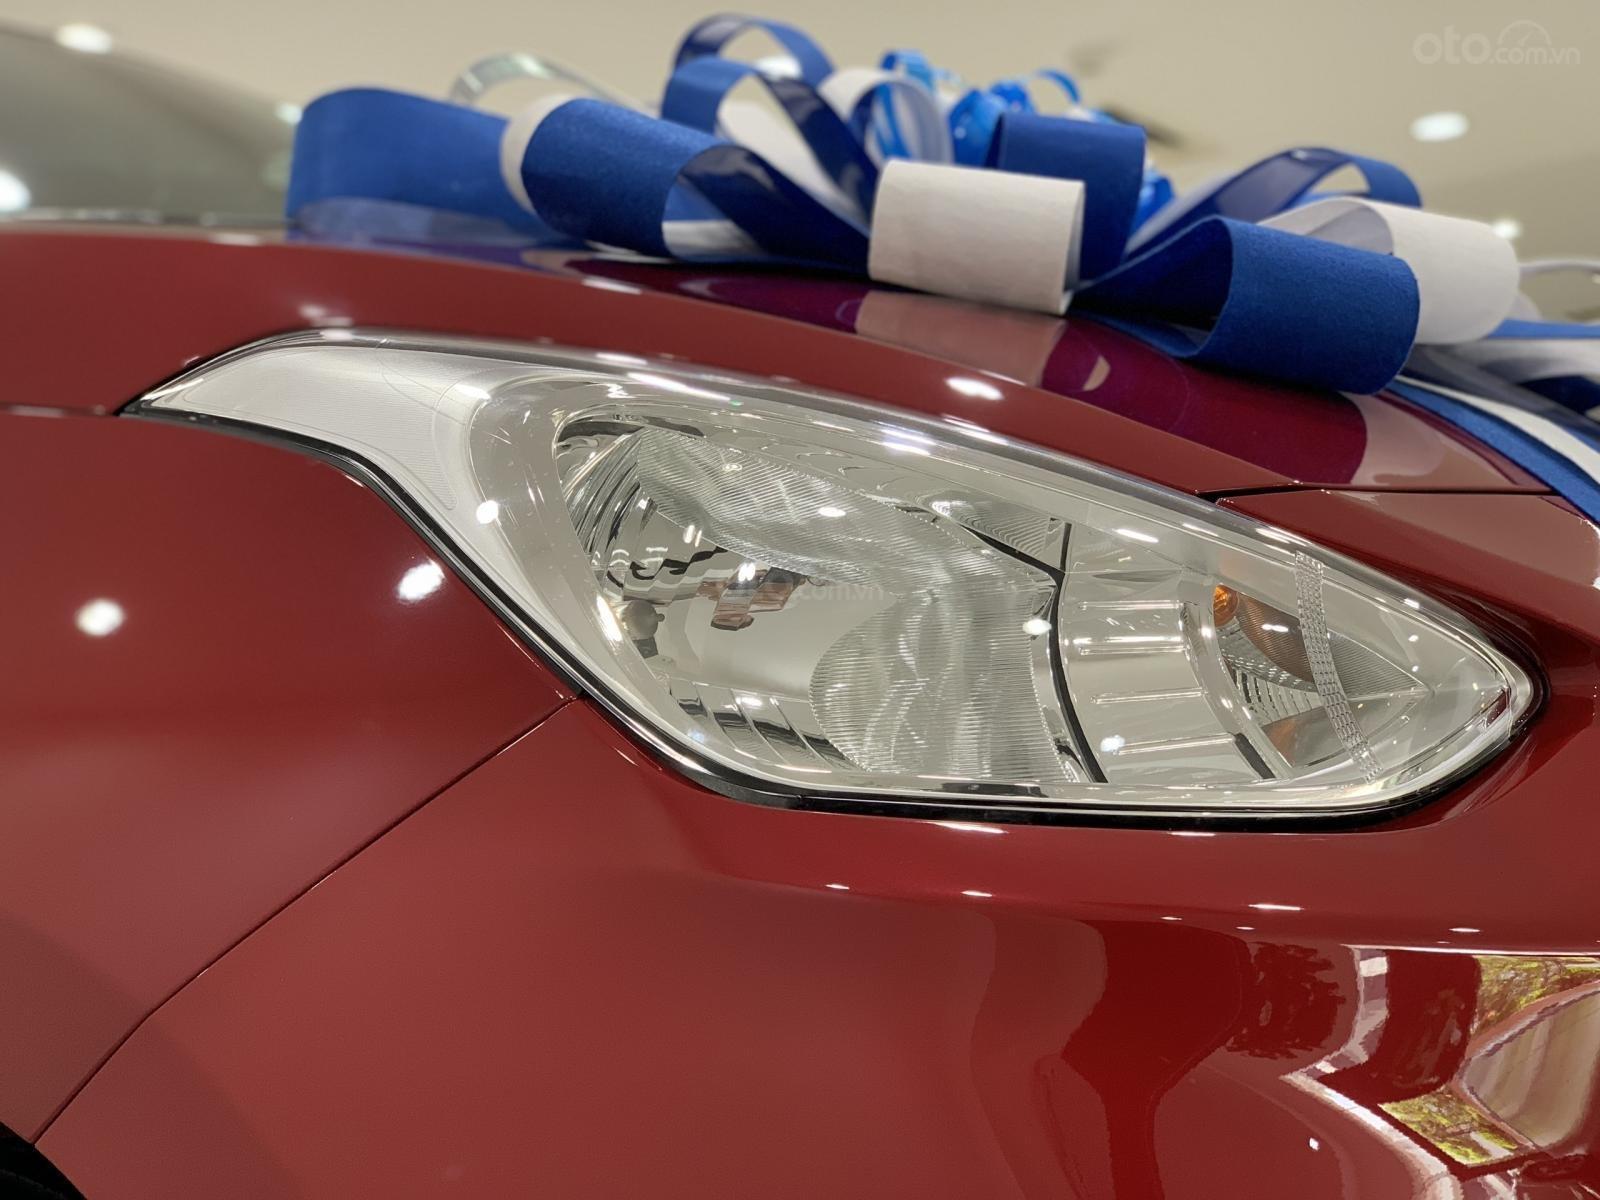 Bán Hyundai Grand I10 Sedan MT đỏ giao ngay, hỗ trợ đăng kí Grab, lấy xe chỉ với 130tr, LH 0977139312 (2)